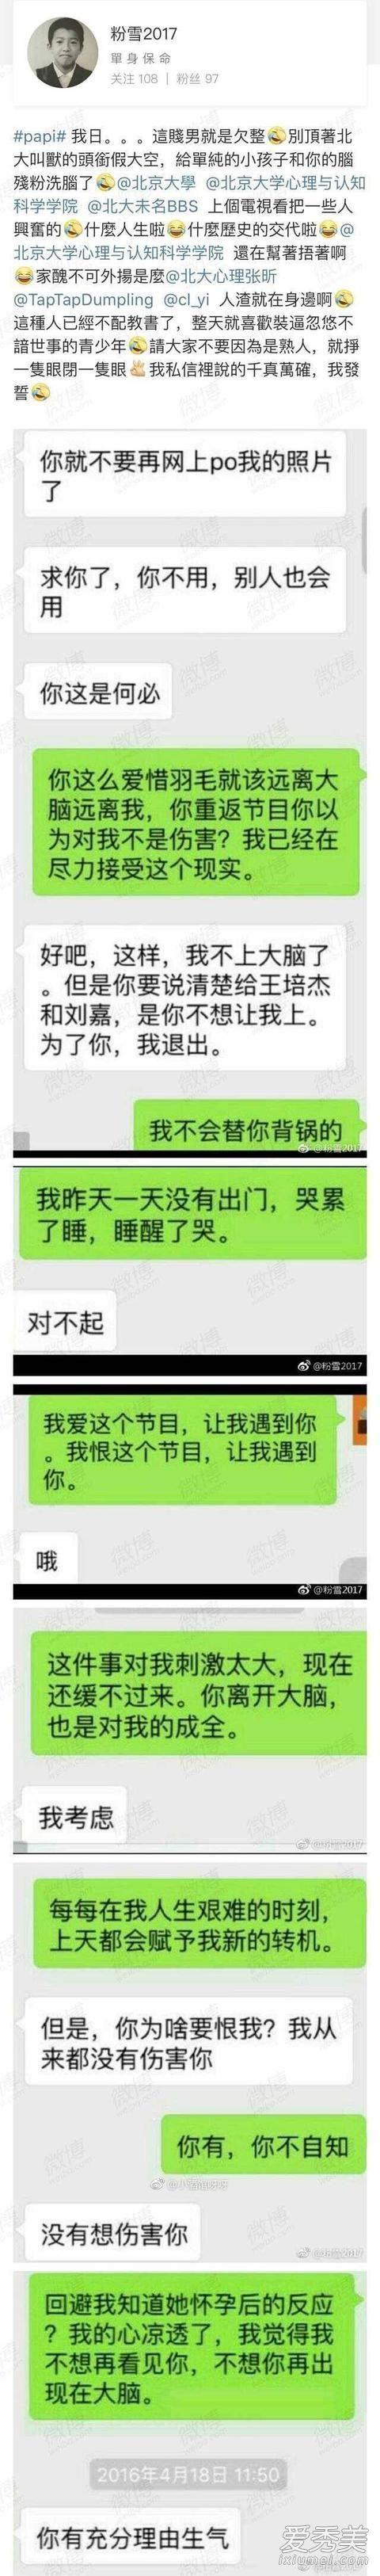 魏坤琳出轨桑洁事件始末详情,桑洁个人资料微博家庭背景